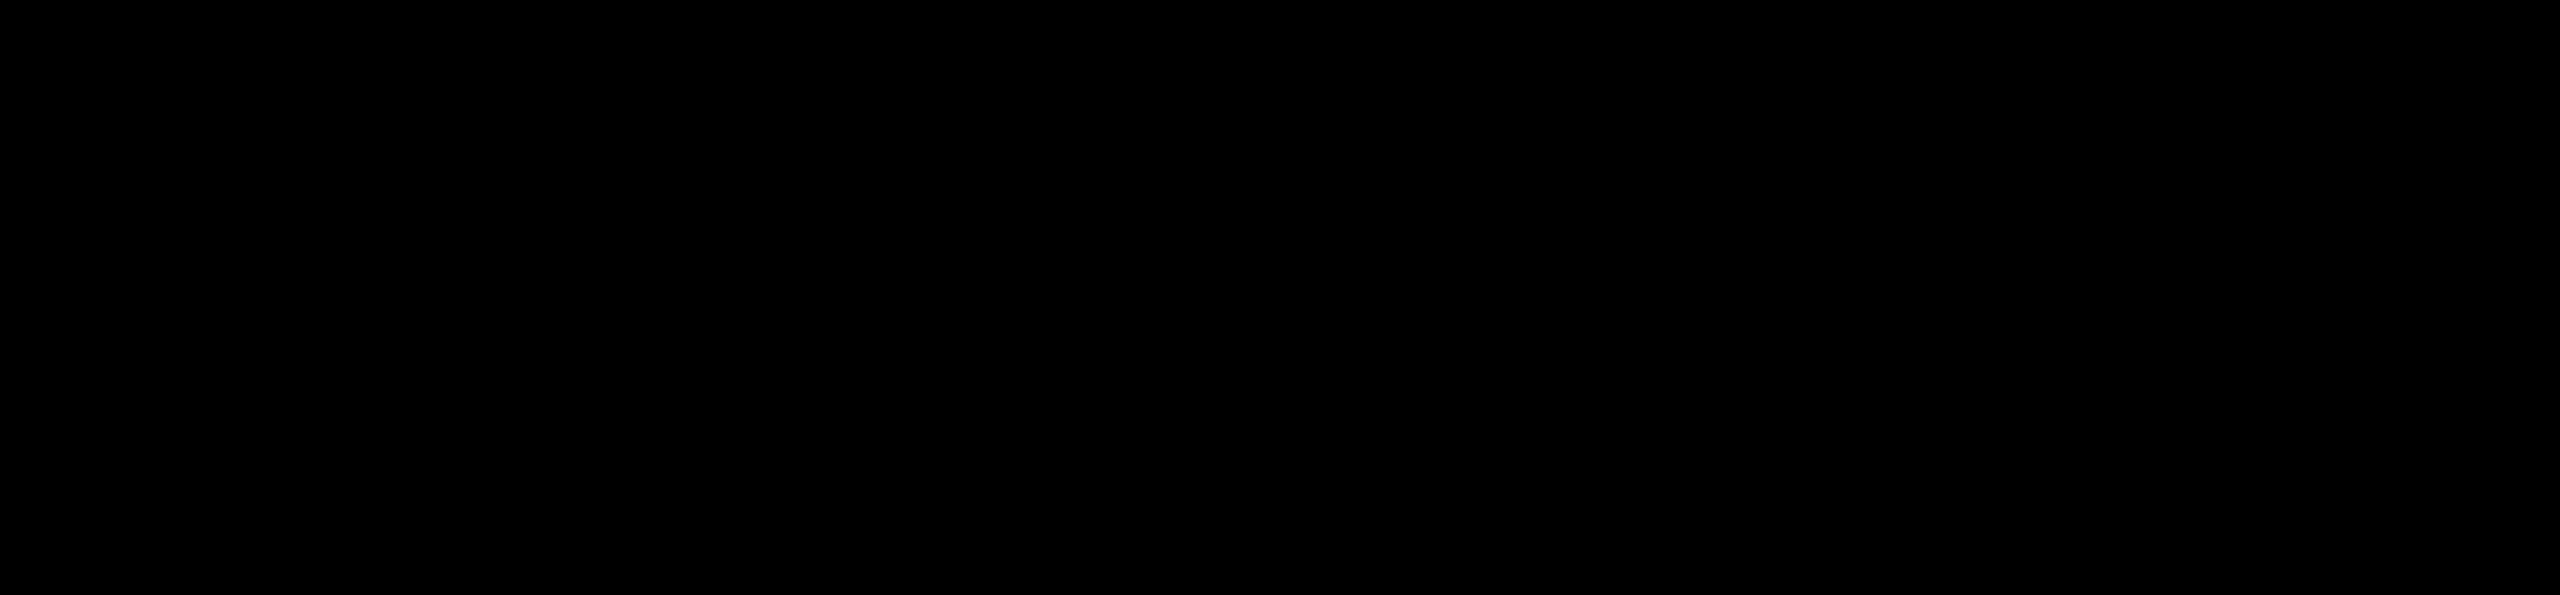 HubschraubAIR